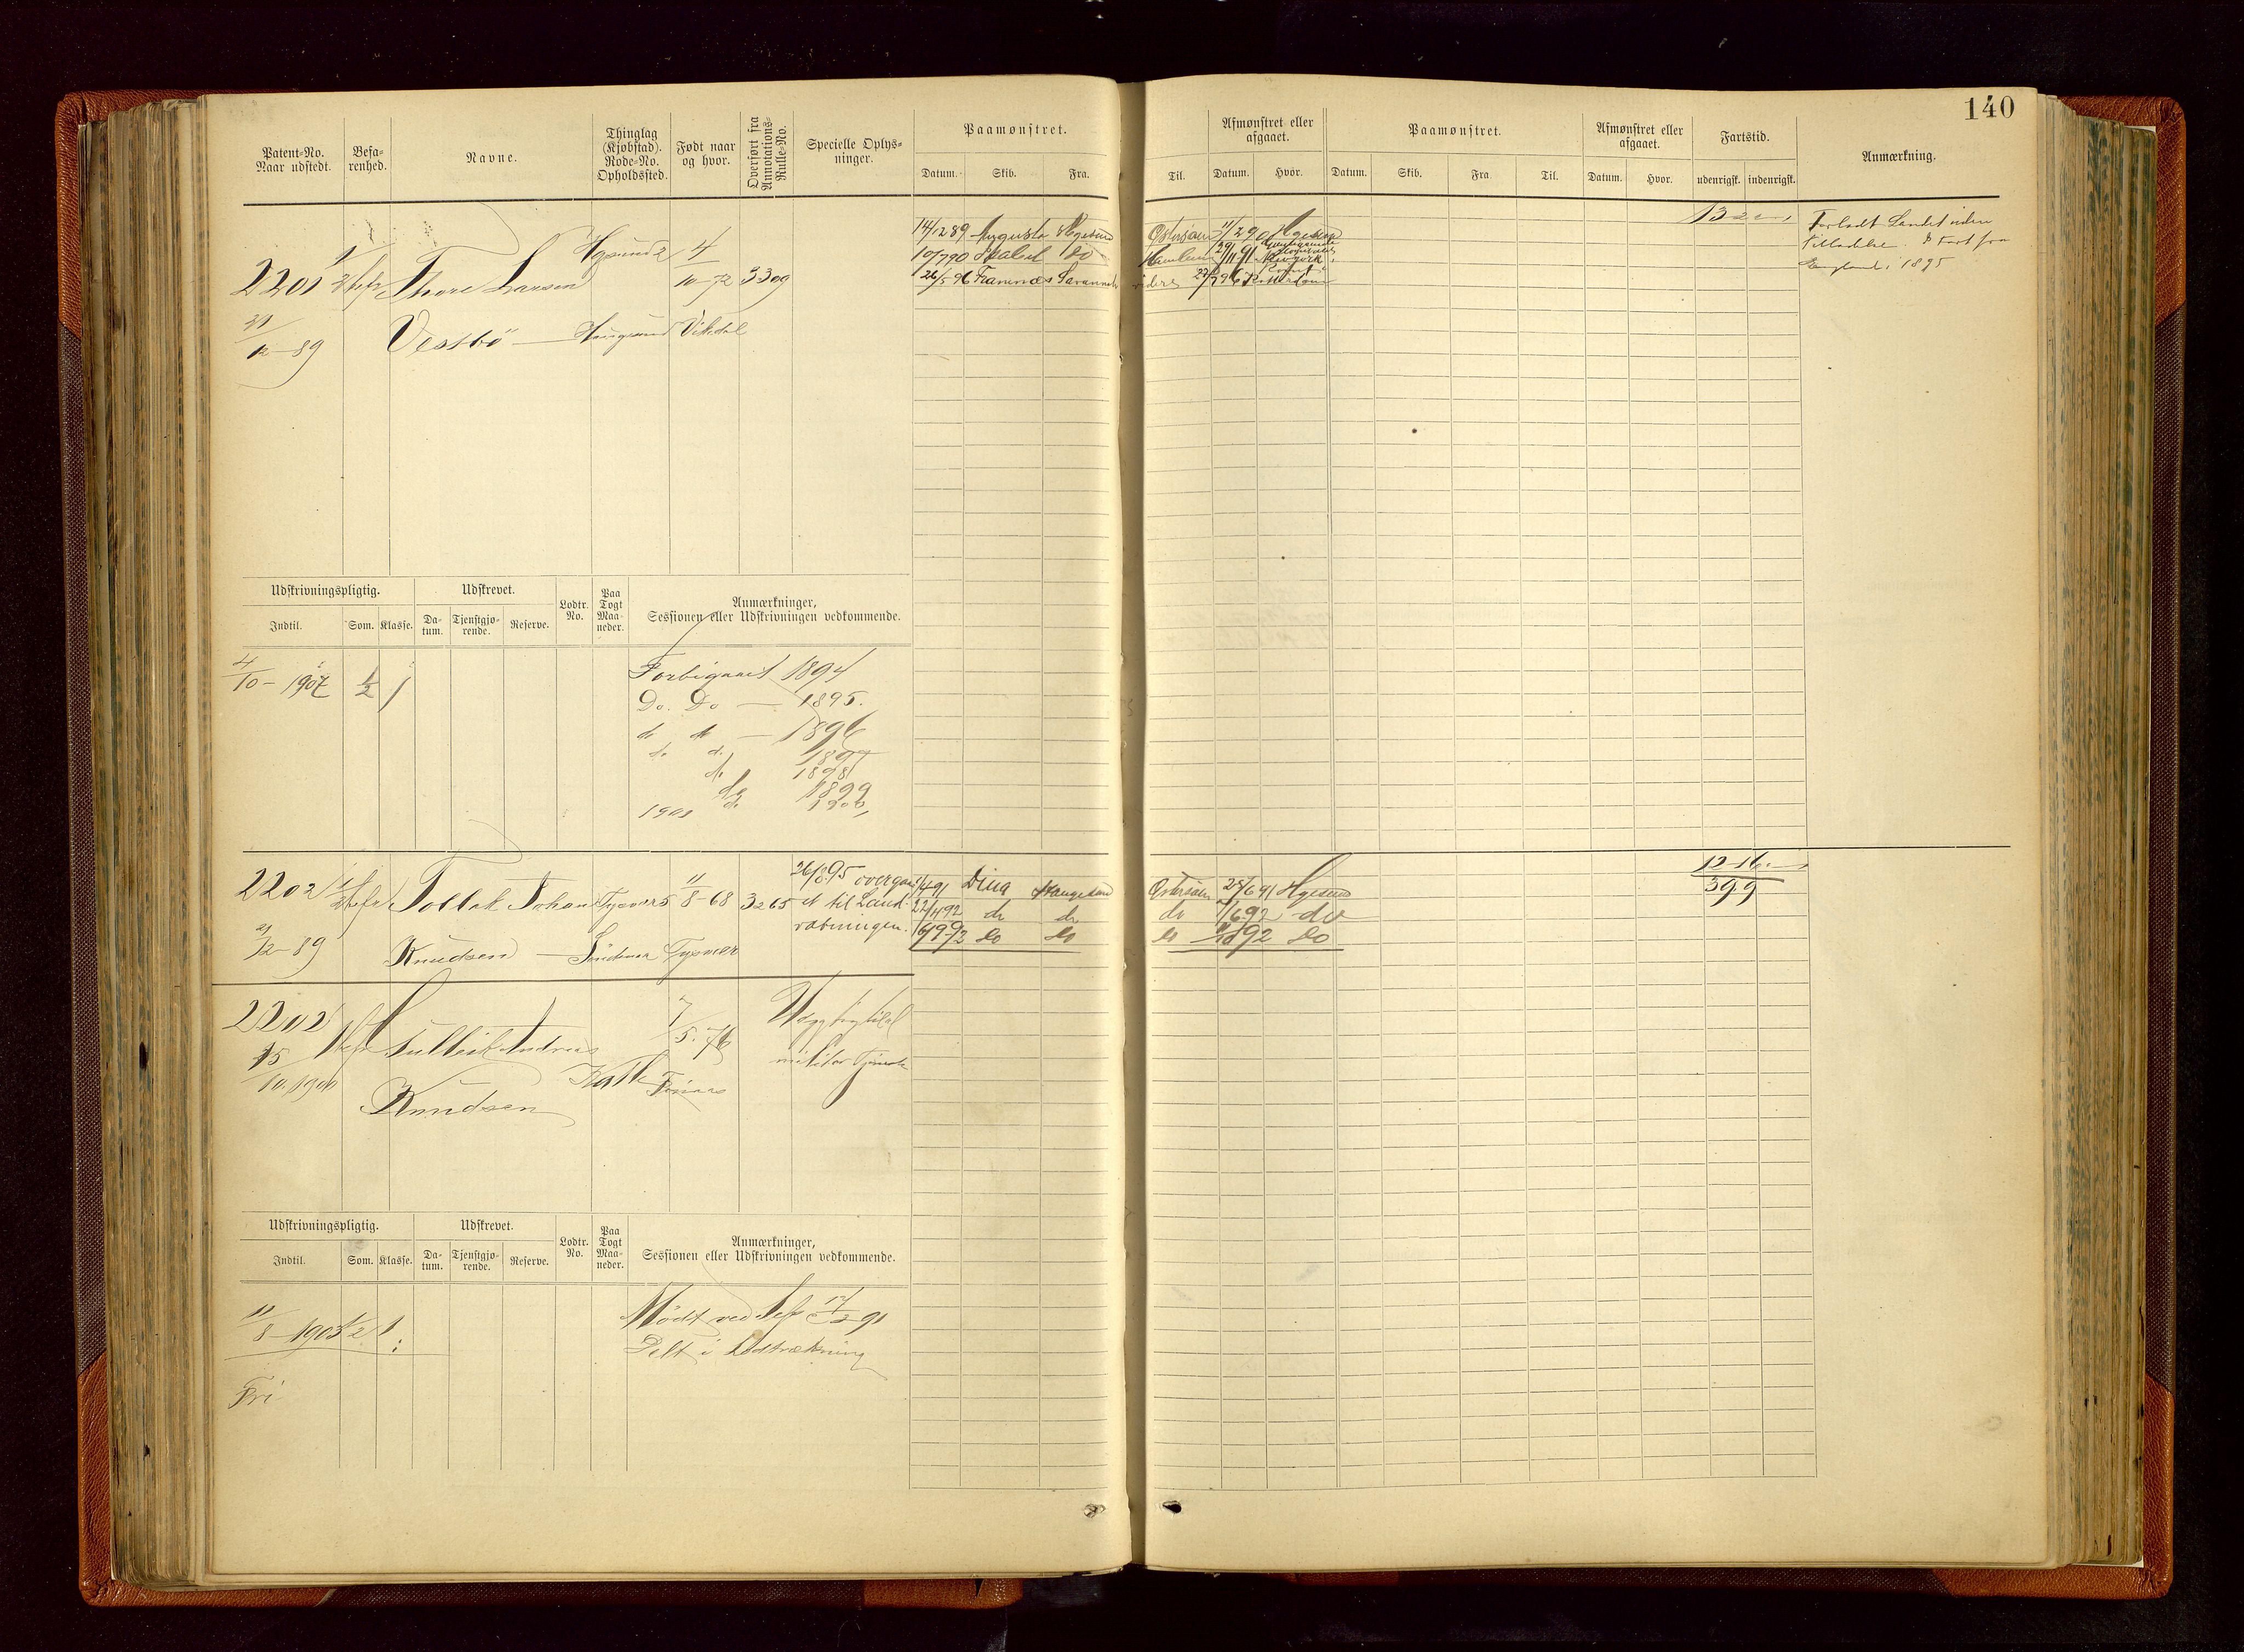 SAST, Haugesund sjømannskontor, F/Fb/Fbb/L0006: Sjøfartsrulle Haugesund krets nr.1923-2884, 1868-1948, s. 140